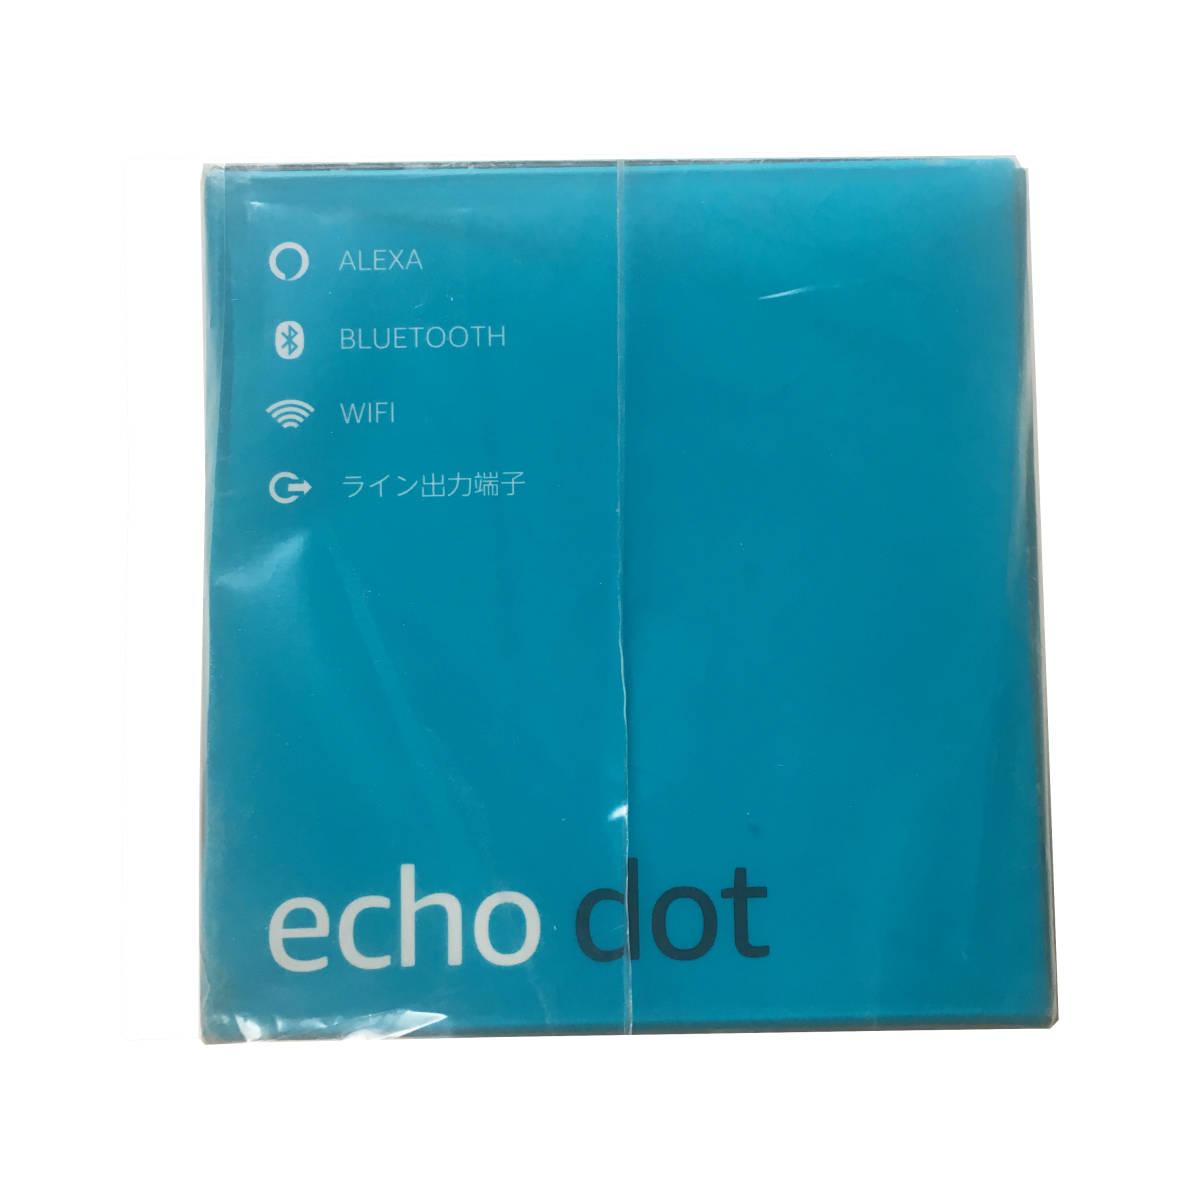 【新品・未開封】 Amazon 第3世代 Echo Dot Alexa対応 スマートスピーカー + LinkJapan eRemote mini IoT リモコン セット IFTTT対応_画像4